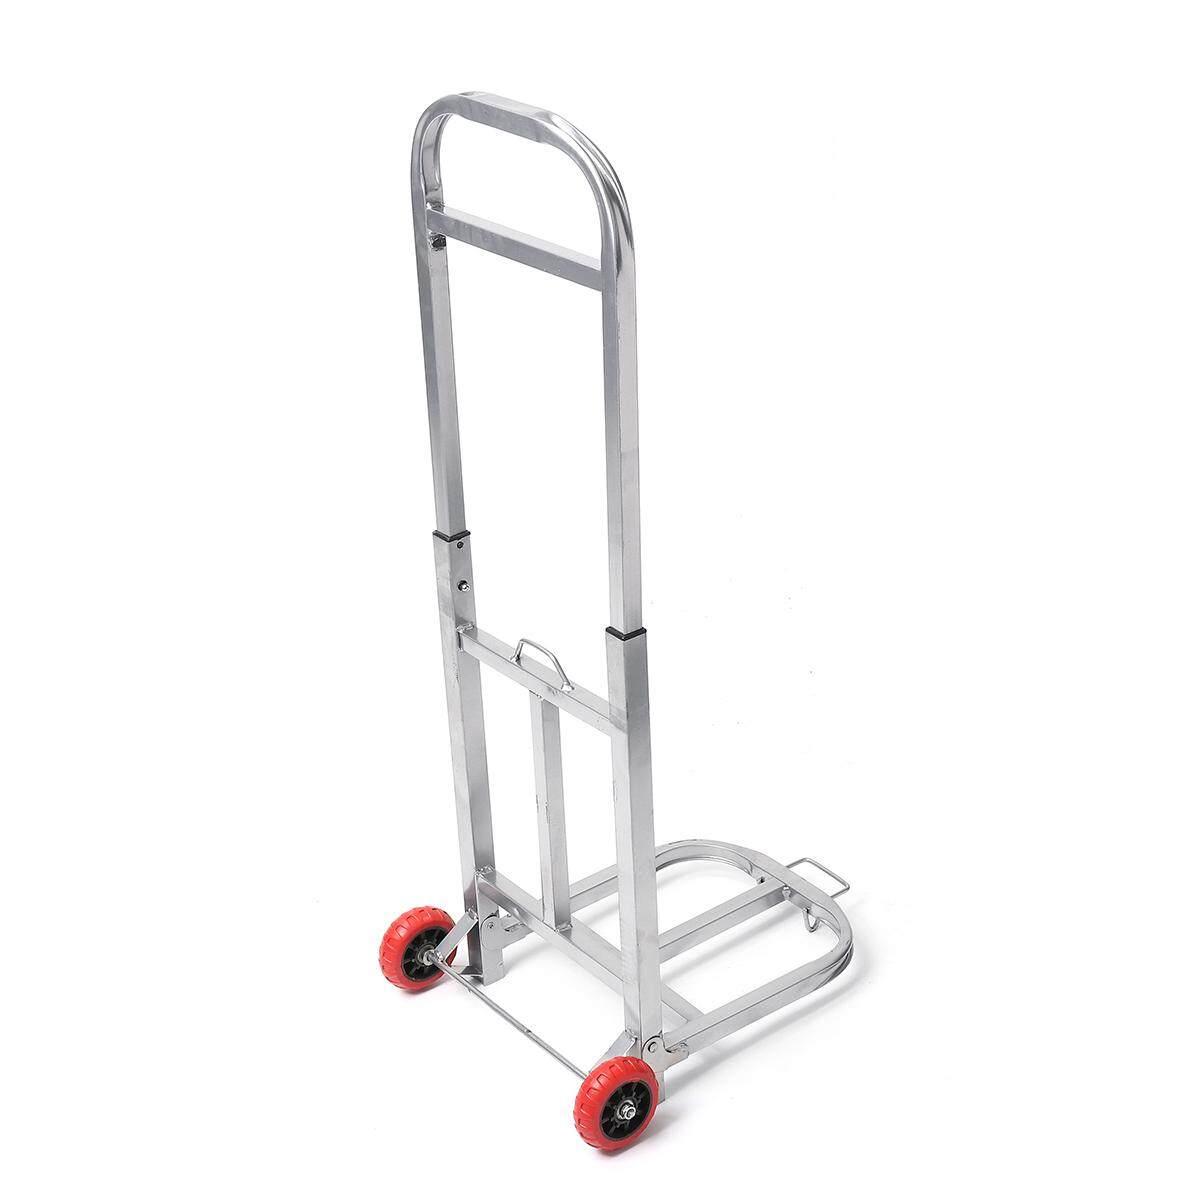 20kg Heavy Duty Lightweight Folding Foldable Hand Cart Trolley Barrow Sack Truck By Laker.